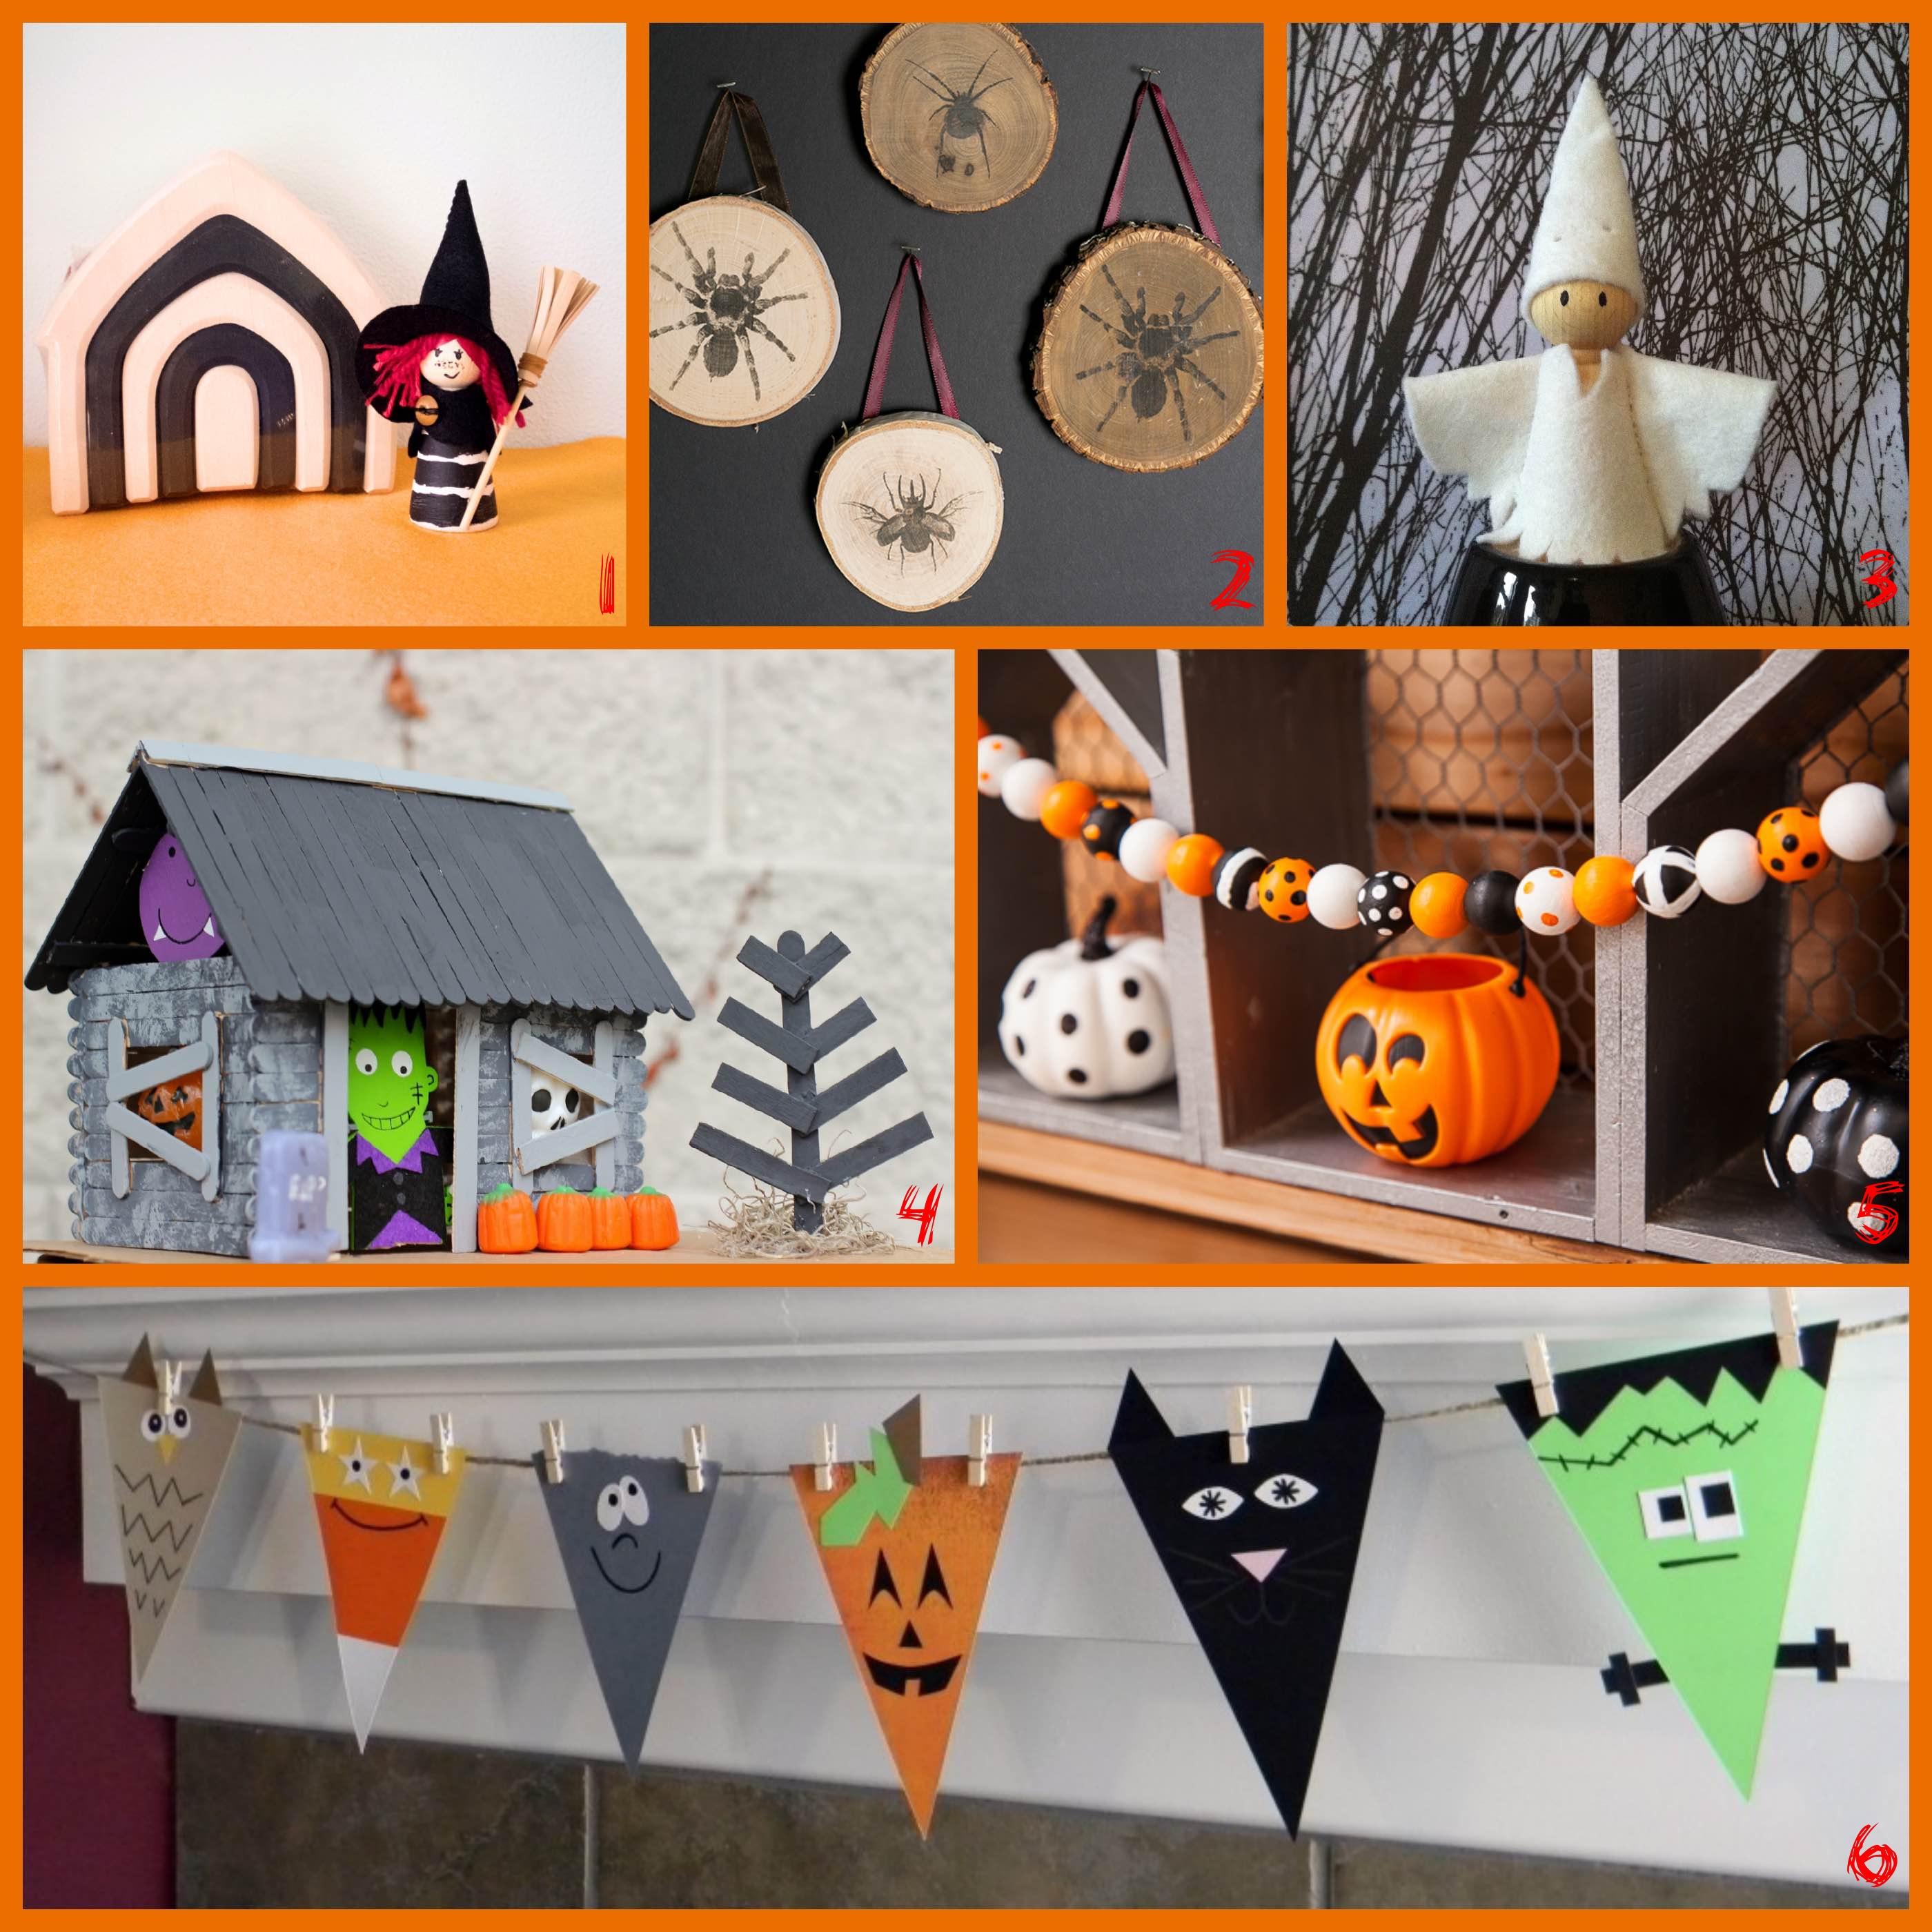 Halloween Knutseltips.Knutselen Voor Halloween Duurzaam Houten Speelgoed